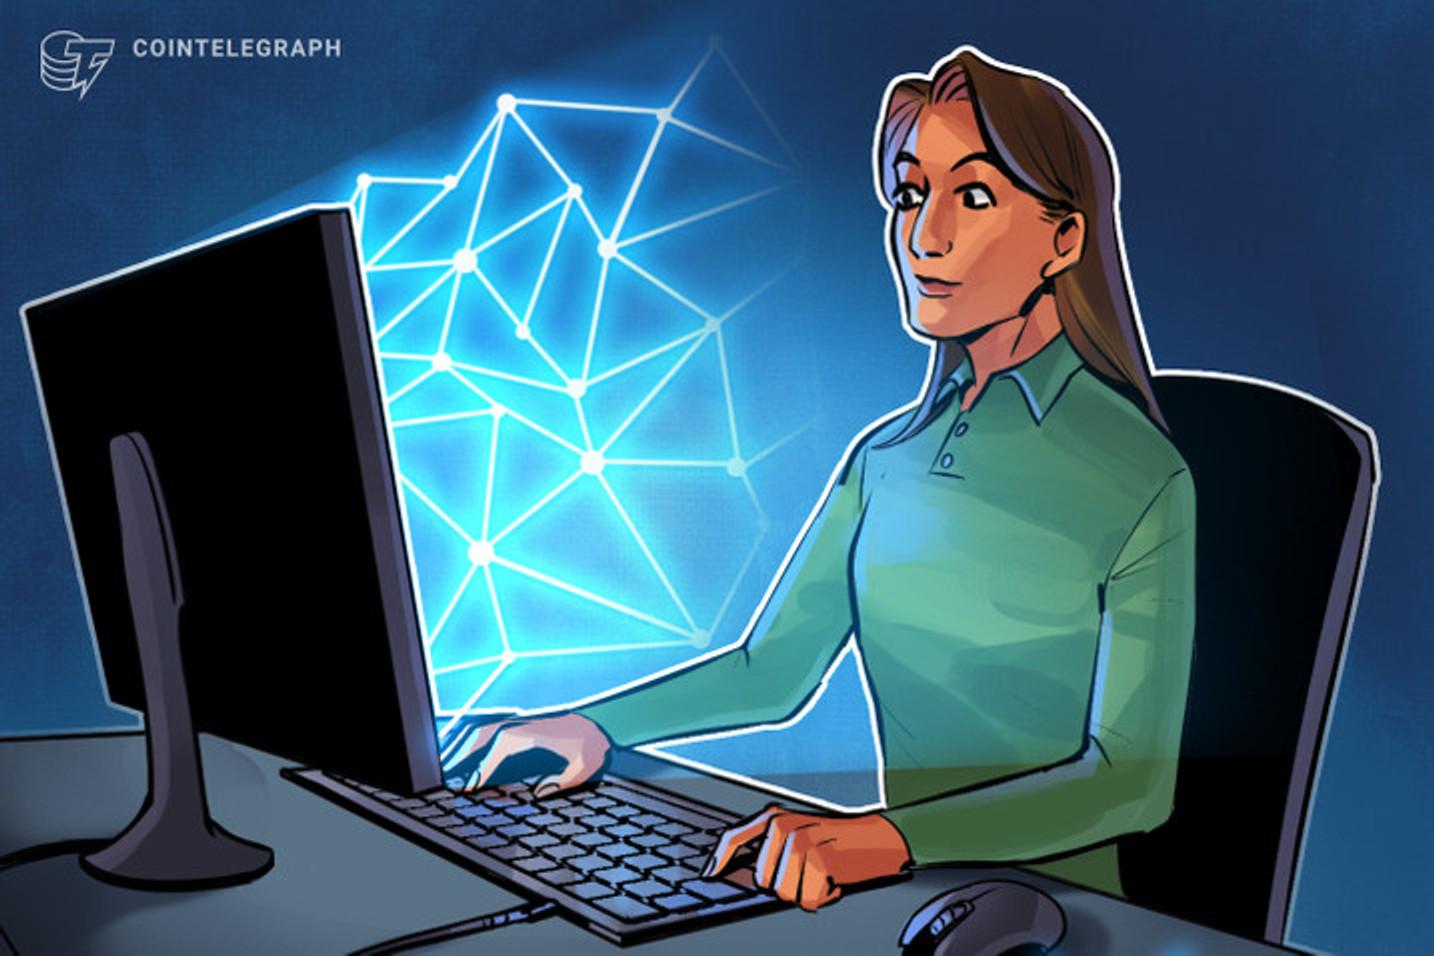 Un hackathon ofrece premios en tokens de aeternity para explorar las ventajas de los oráculos nativos